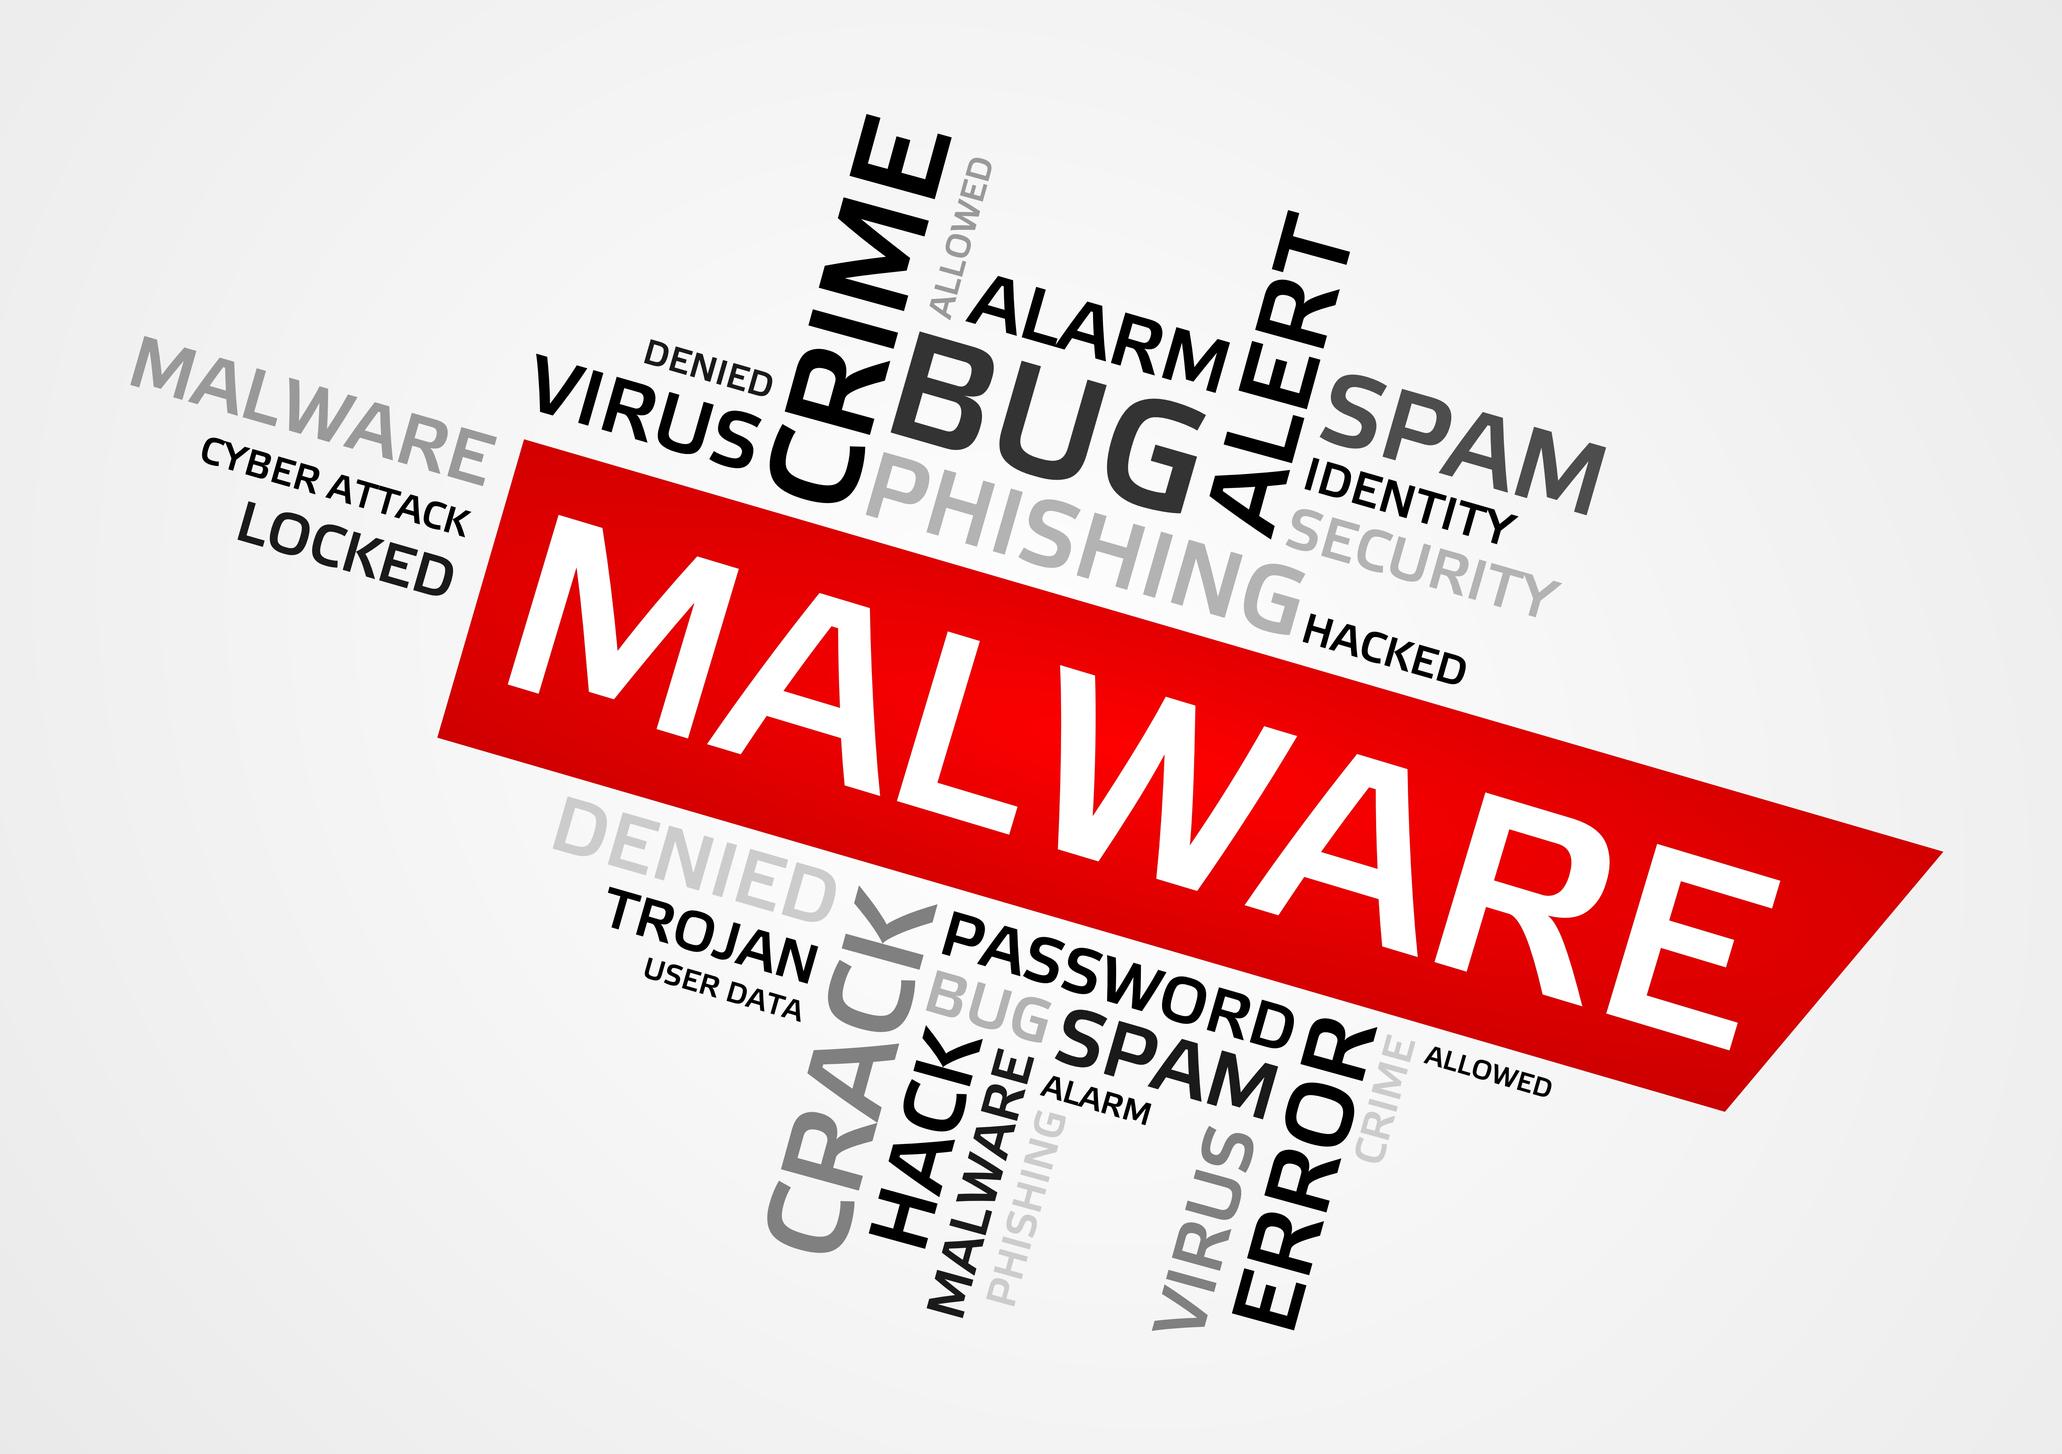 Get Rid of Computer Viruses